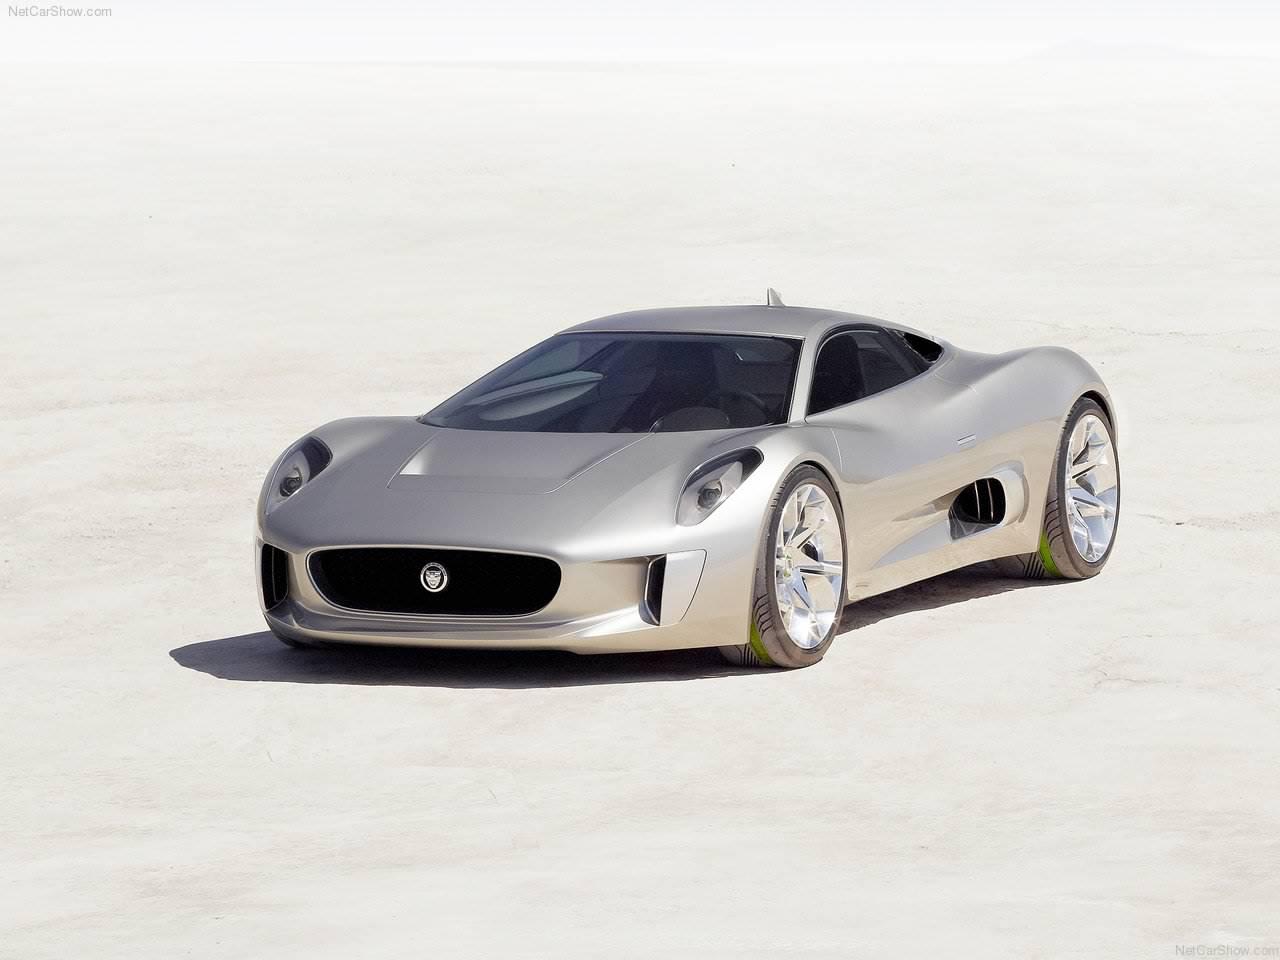 http://2.bp.blogspot.com/_O7cXwCXM-E4/TKlXuvHksmI/AAAAAAAAYUE/8uoKG3GvqOE/s1600/Jaguar-C-X75_Concept_2010_1280x960_wallpaper_08.jpg